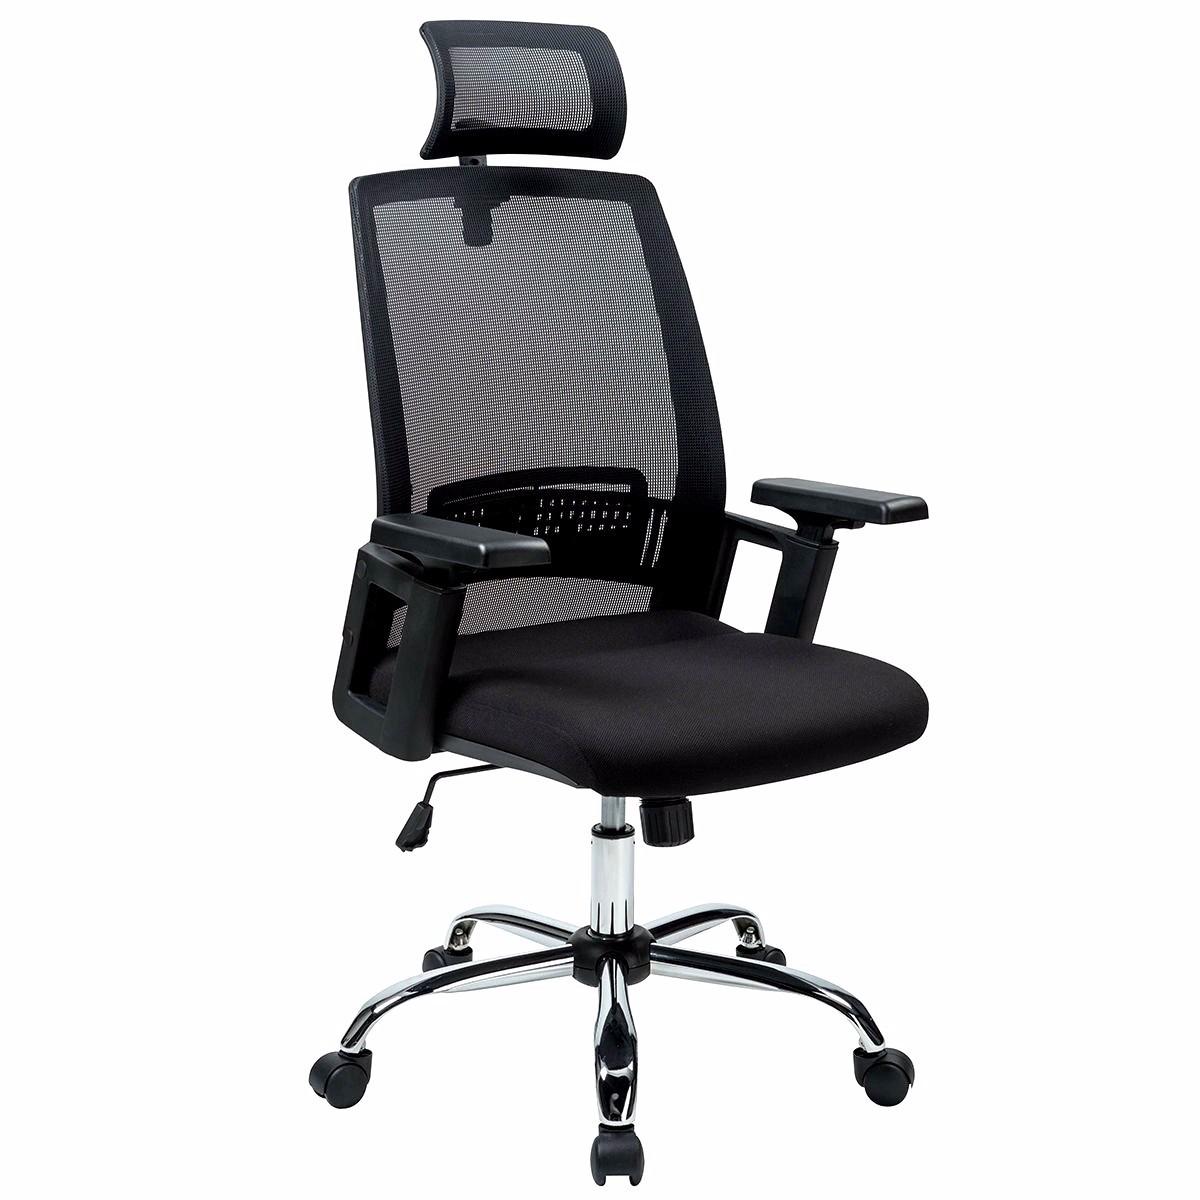 Silla ergonomica p oficina reclinable escritorio vp0026 for Silla escritorio oficina